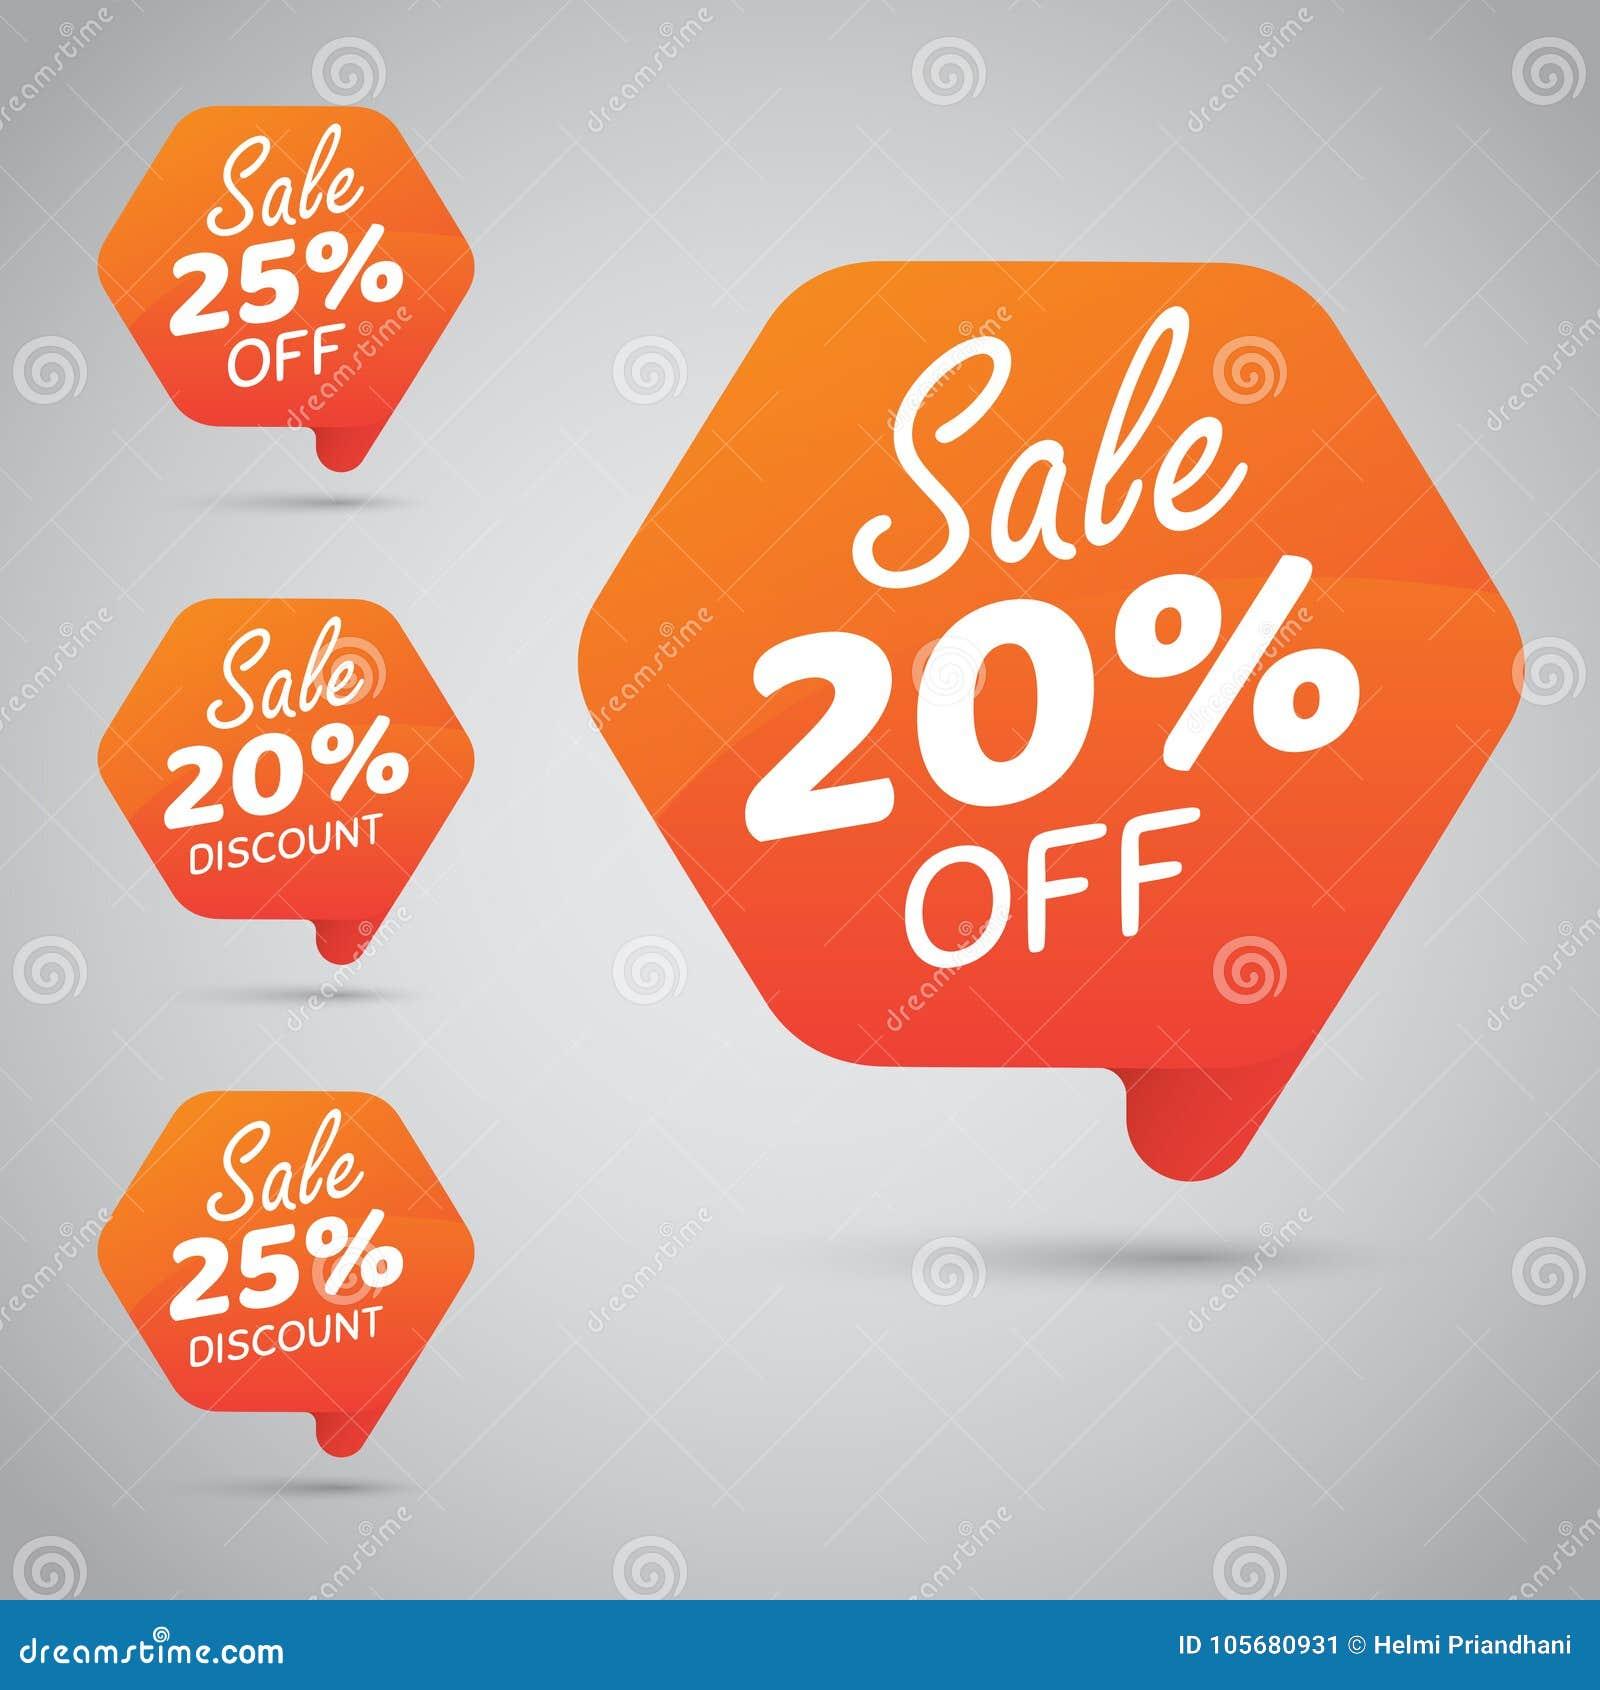 Markering voor Marketing Kleinhandelselementenontwerp 20  25  Verkoop, Schijf, weg op Vrolijke Sinaasappel